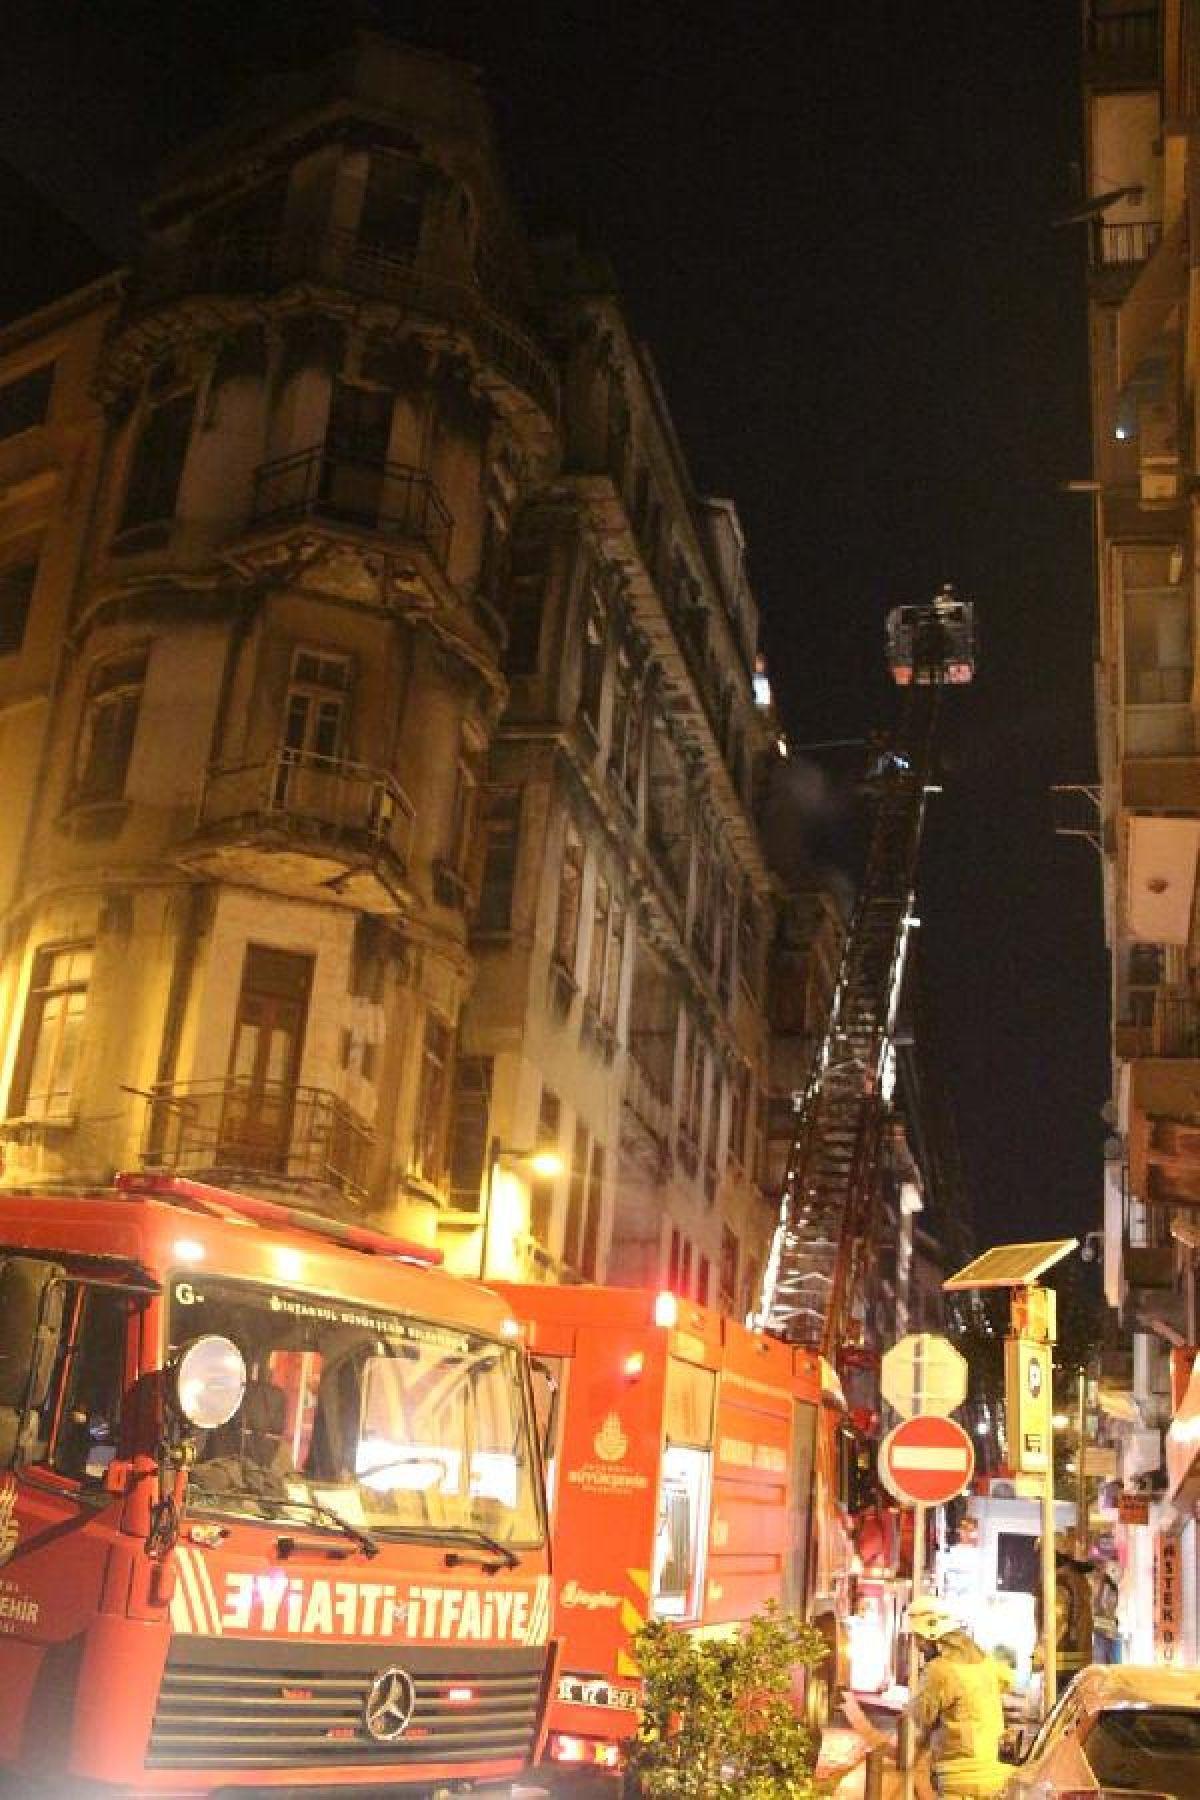 Şişli'de kullanılmayan 3 binanın çatısı yandı #5